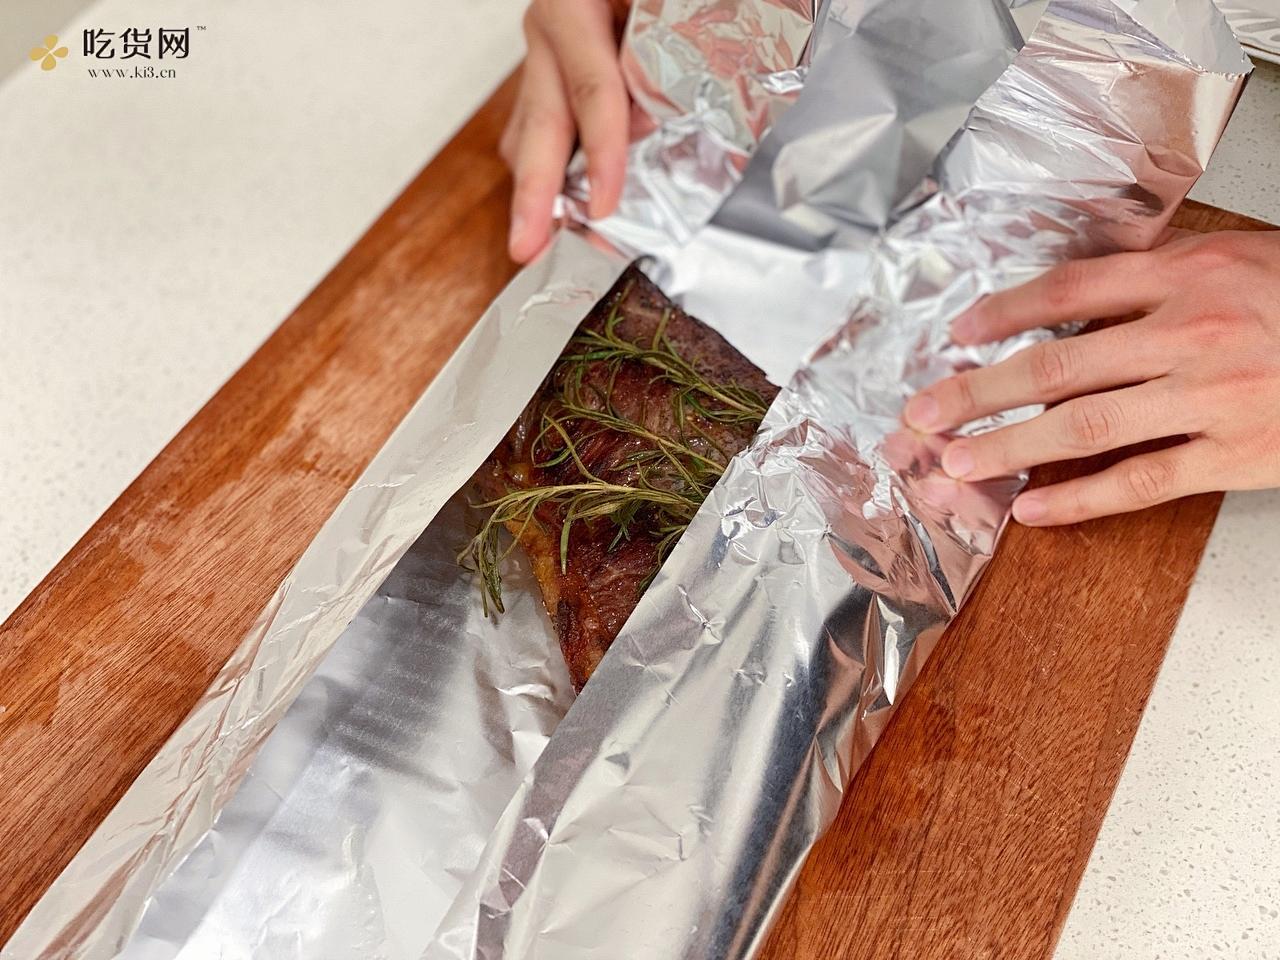 厚切西冷牛排的做法 步骤12